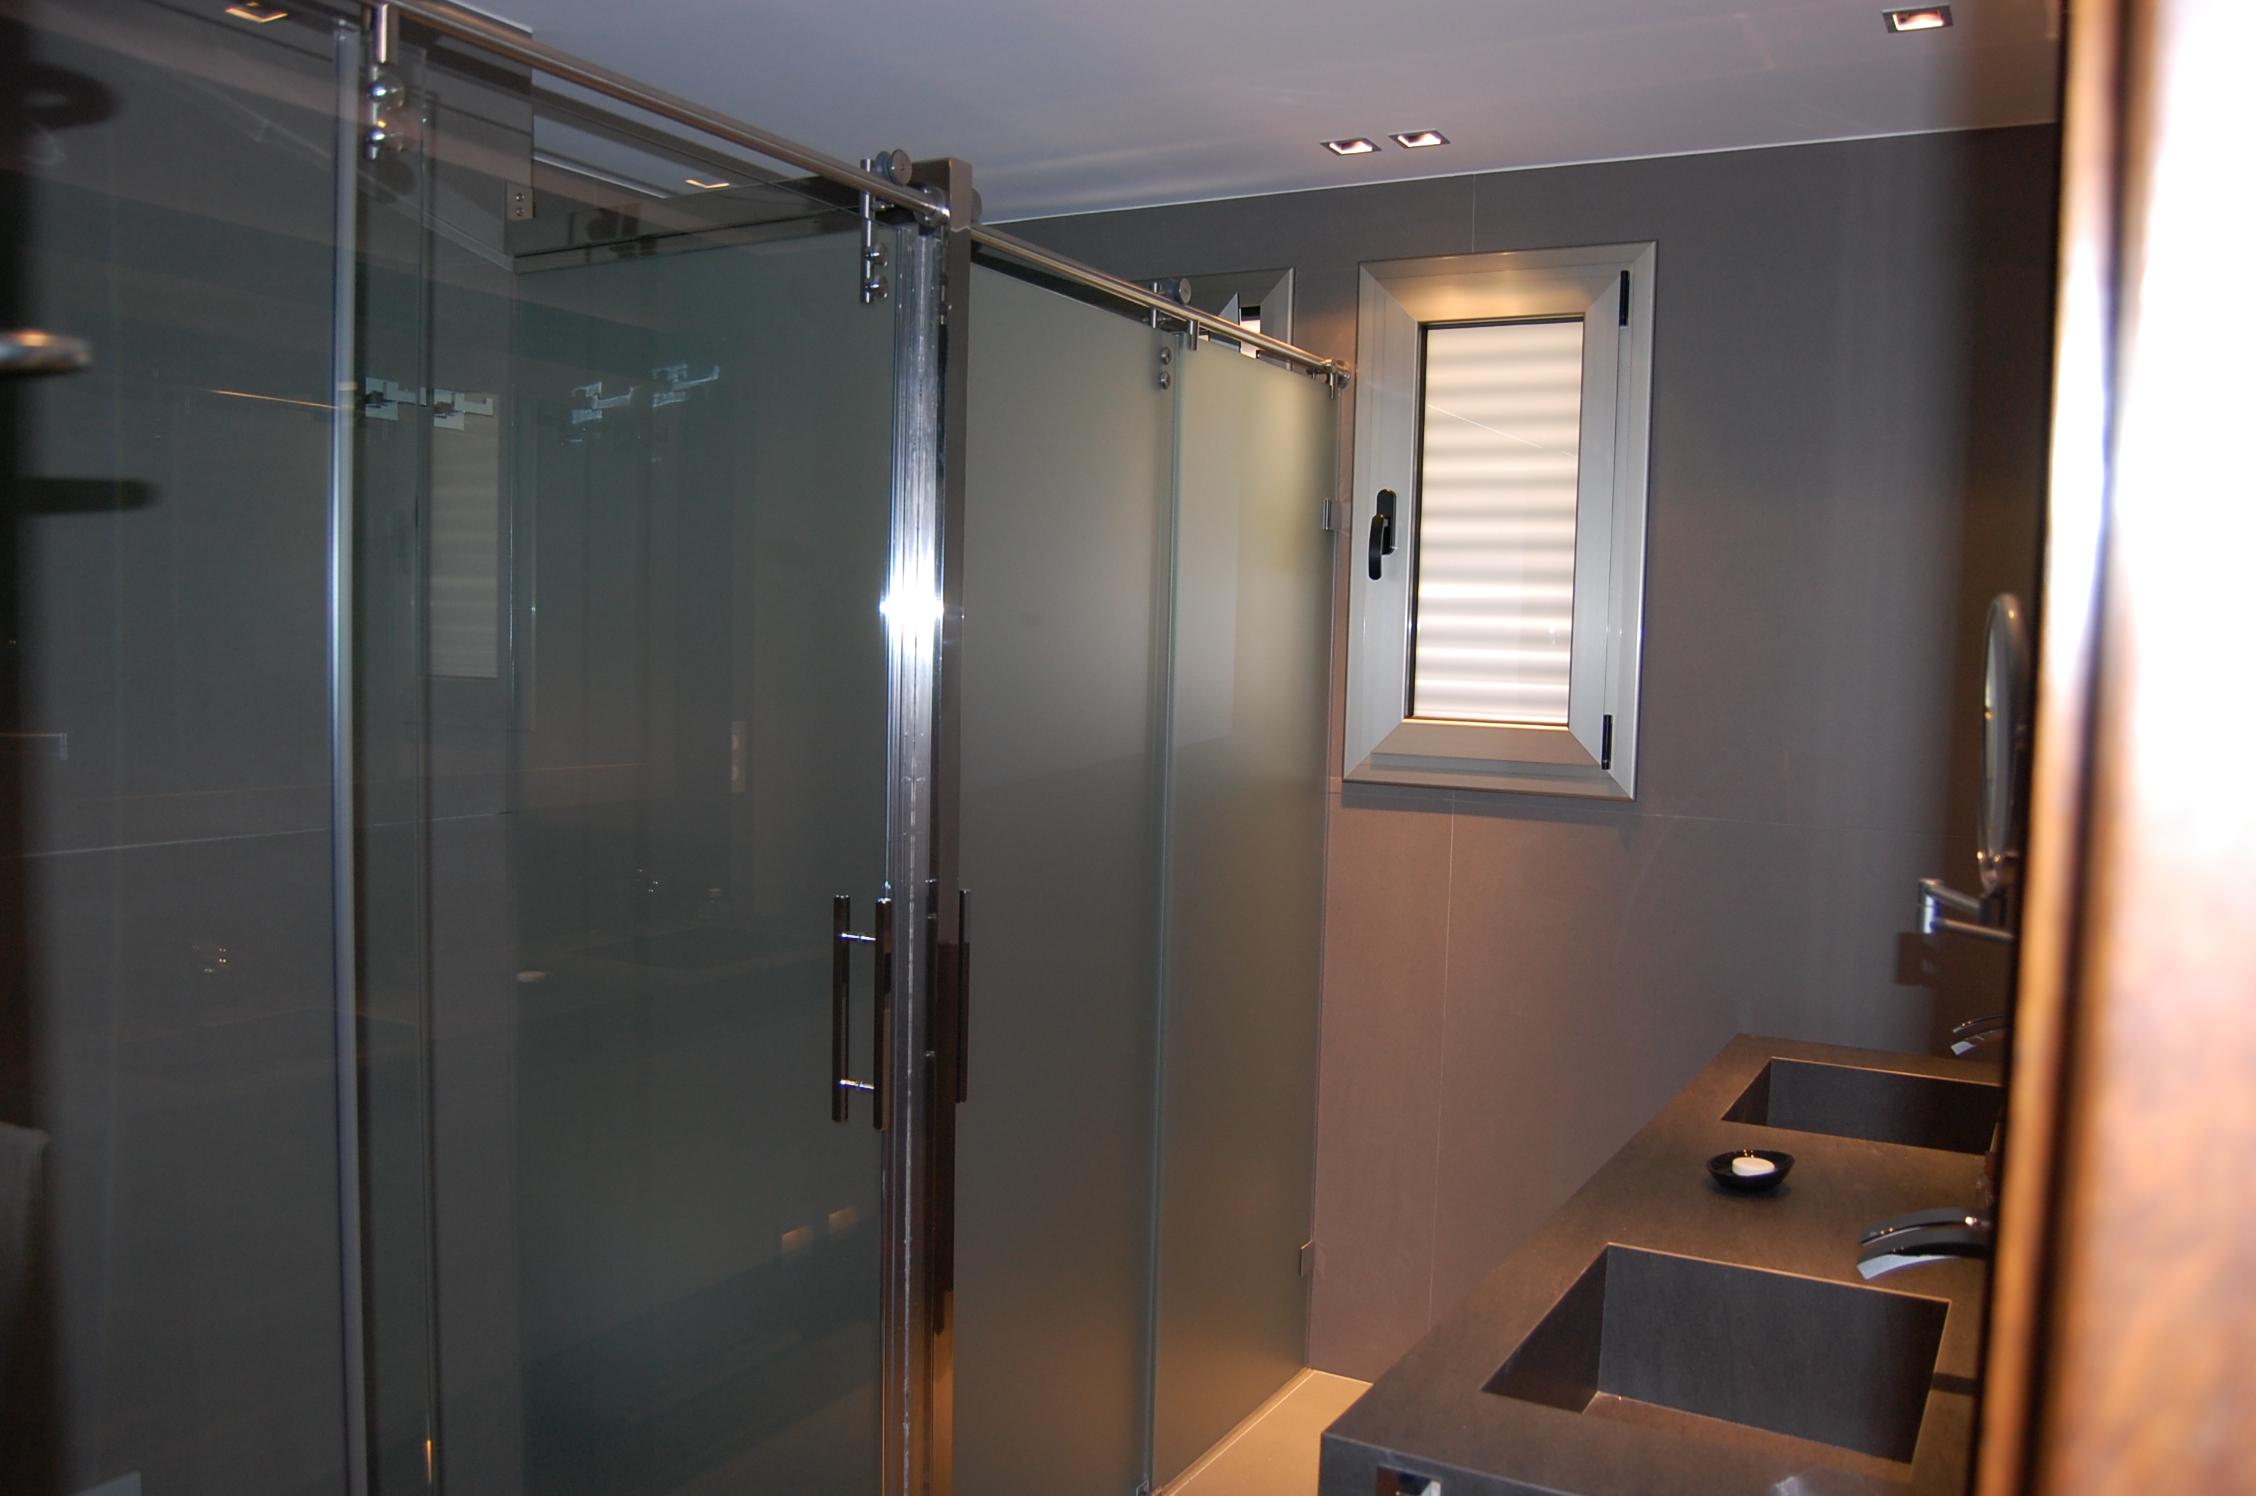 Iluminacion Estanca Baño:Sustituimos el espacio de una bañera por una ducha y le añadimos un